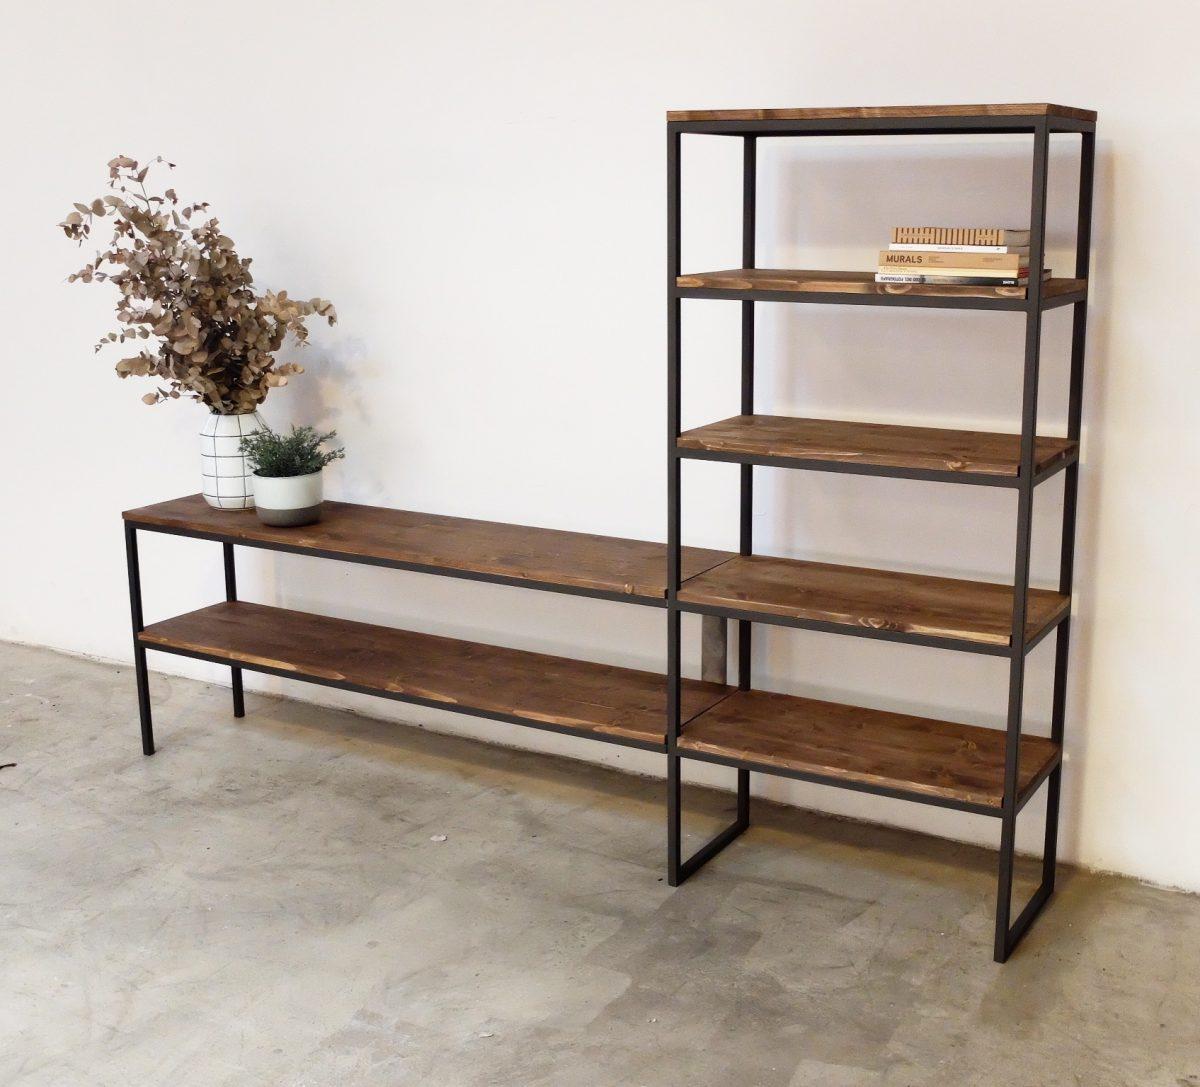 Muebles de hierro y madera muebles pas de amrica madera for Mueble hierro y madera